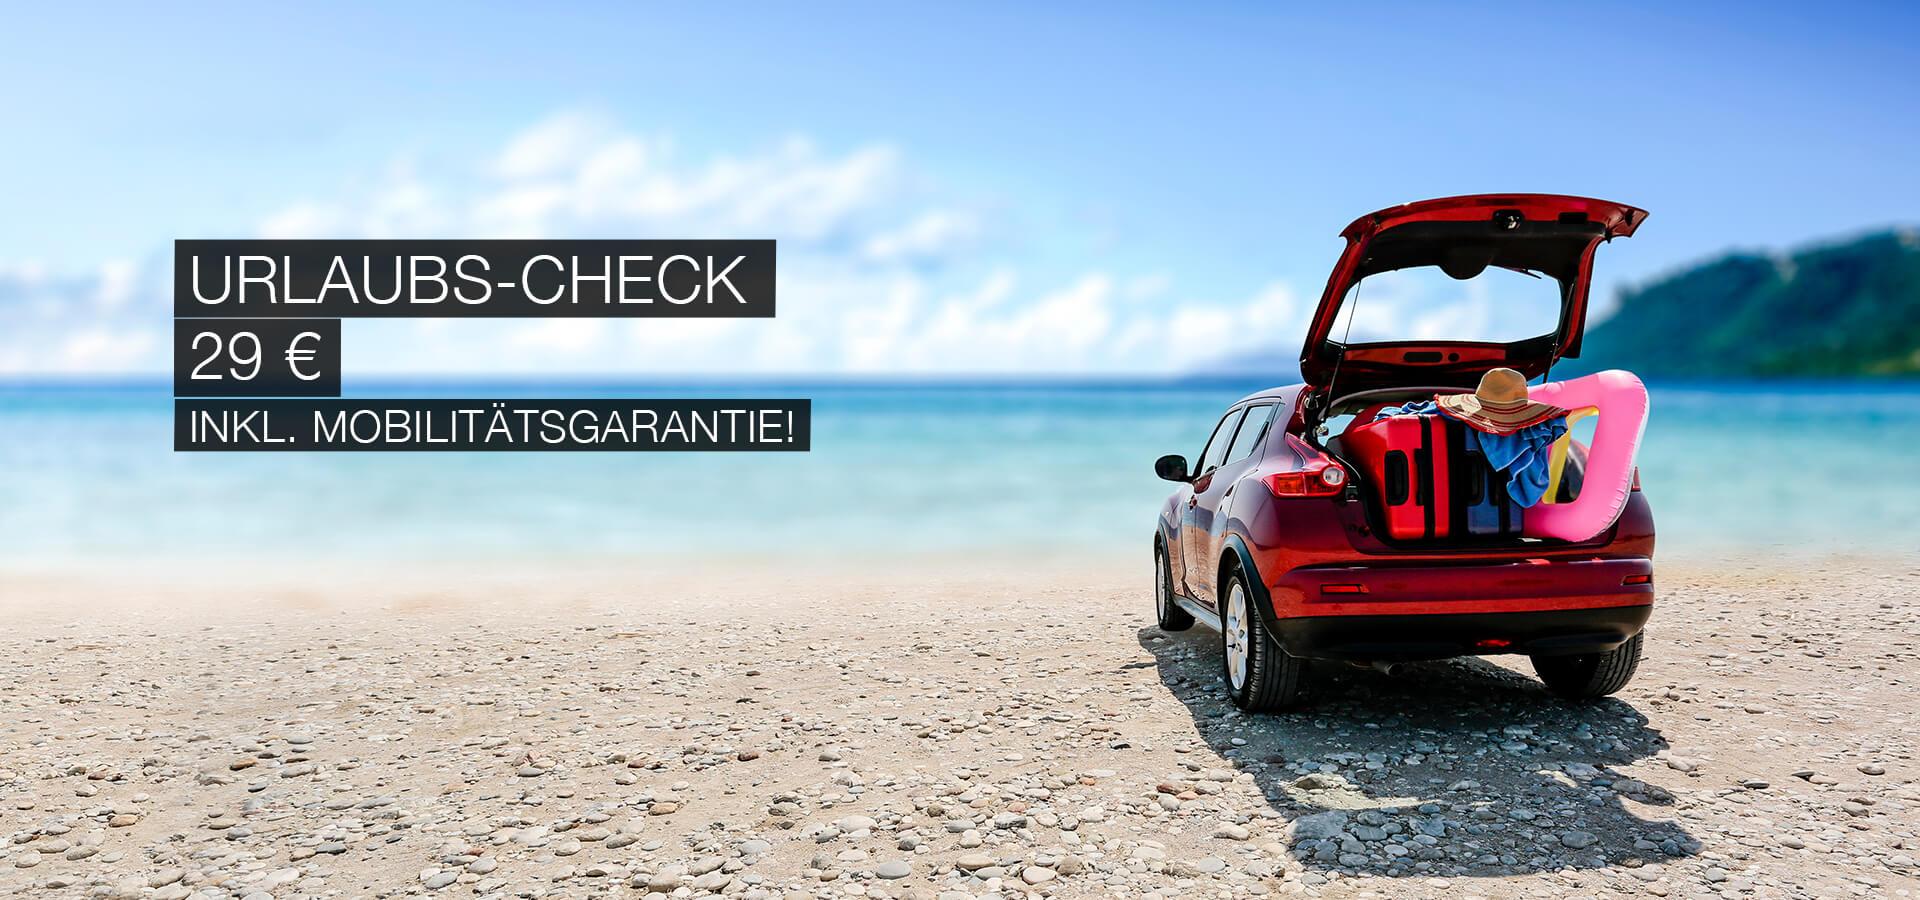 Urlaubs-check für 29€ inkl. Mobilitätsgarantie